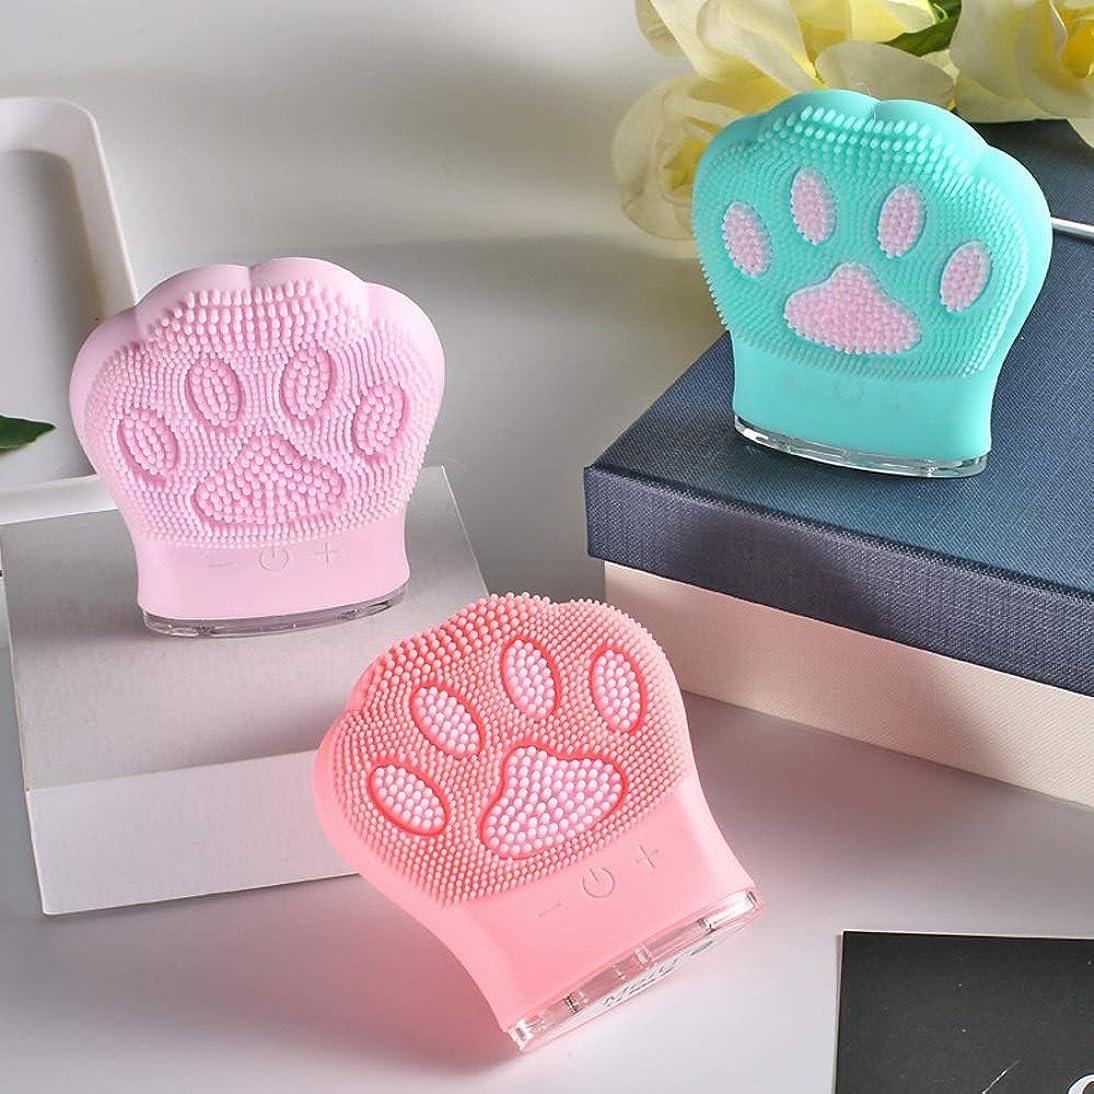 命令的裁判官学習者ZXF 新しい猫の爪形状シリコーンクレンジング楽器超音波充電洗顔器具ガールフレンド小さなギフト洗浄ブラシピンク赤青セクション 滑らかである (色 : Pink)